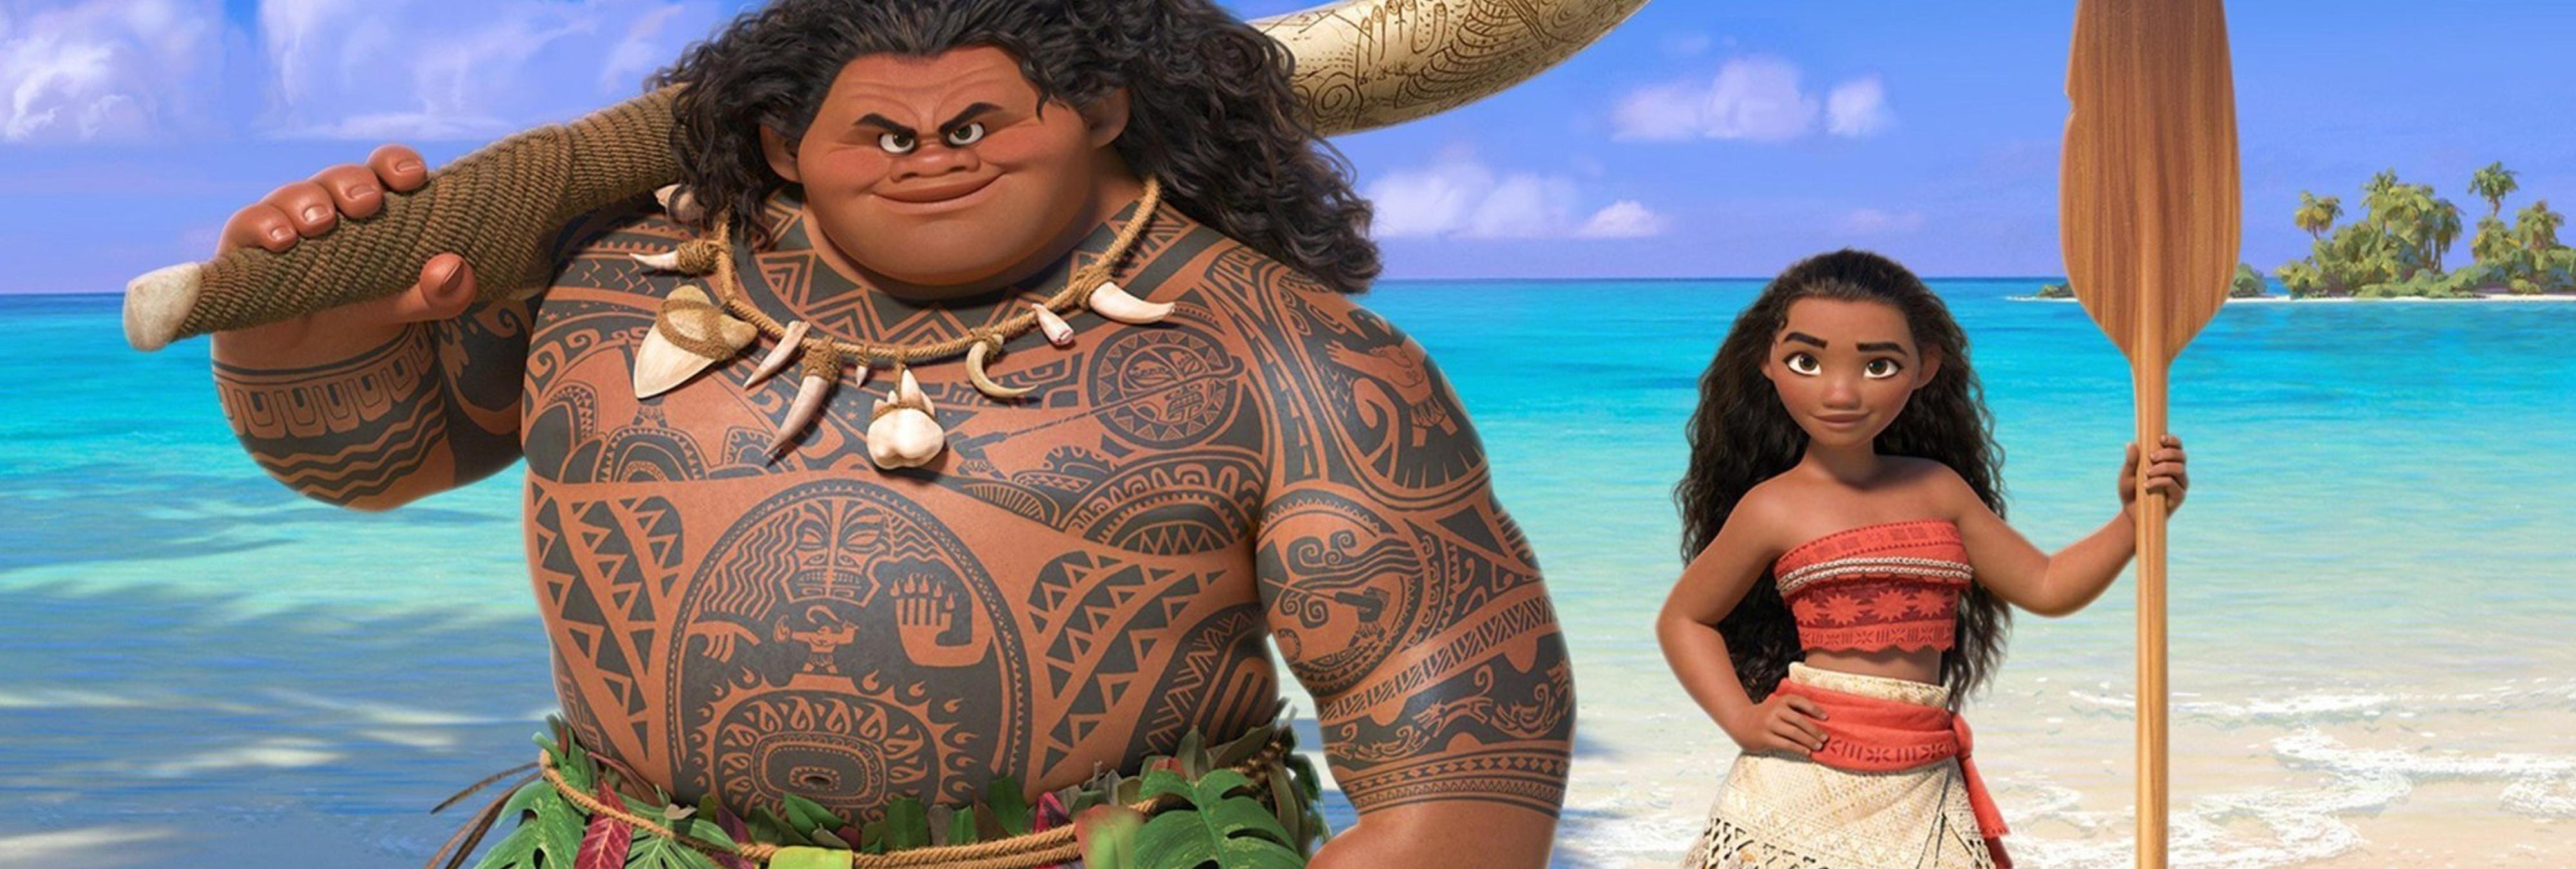 Disney retira un disfraz de la nueva 'Vaiana' por las críticas de racismo